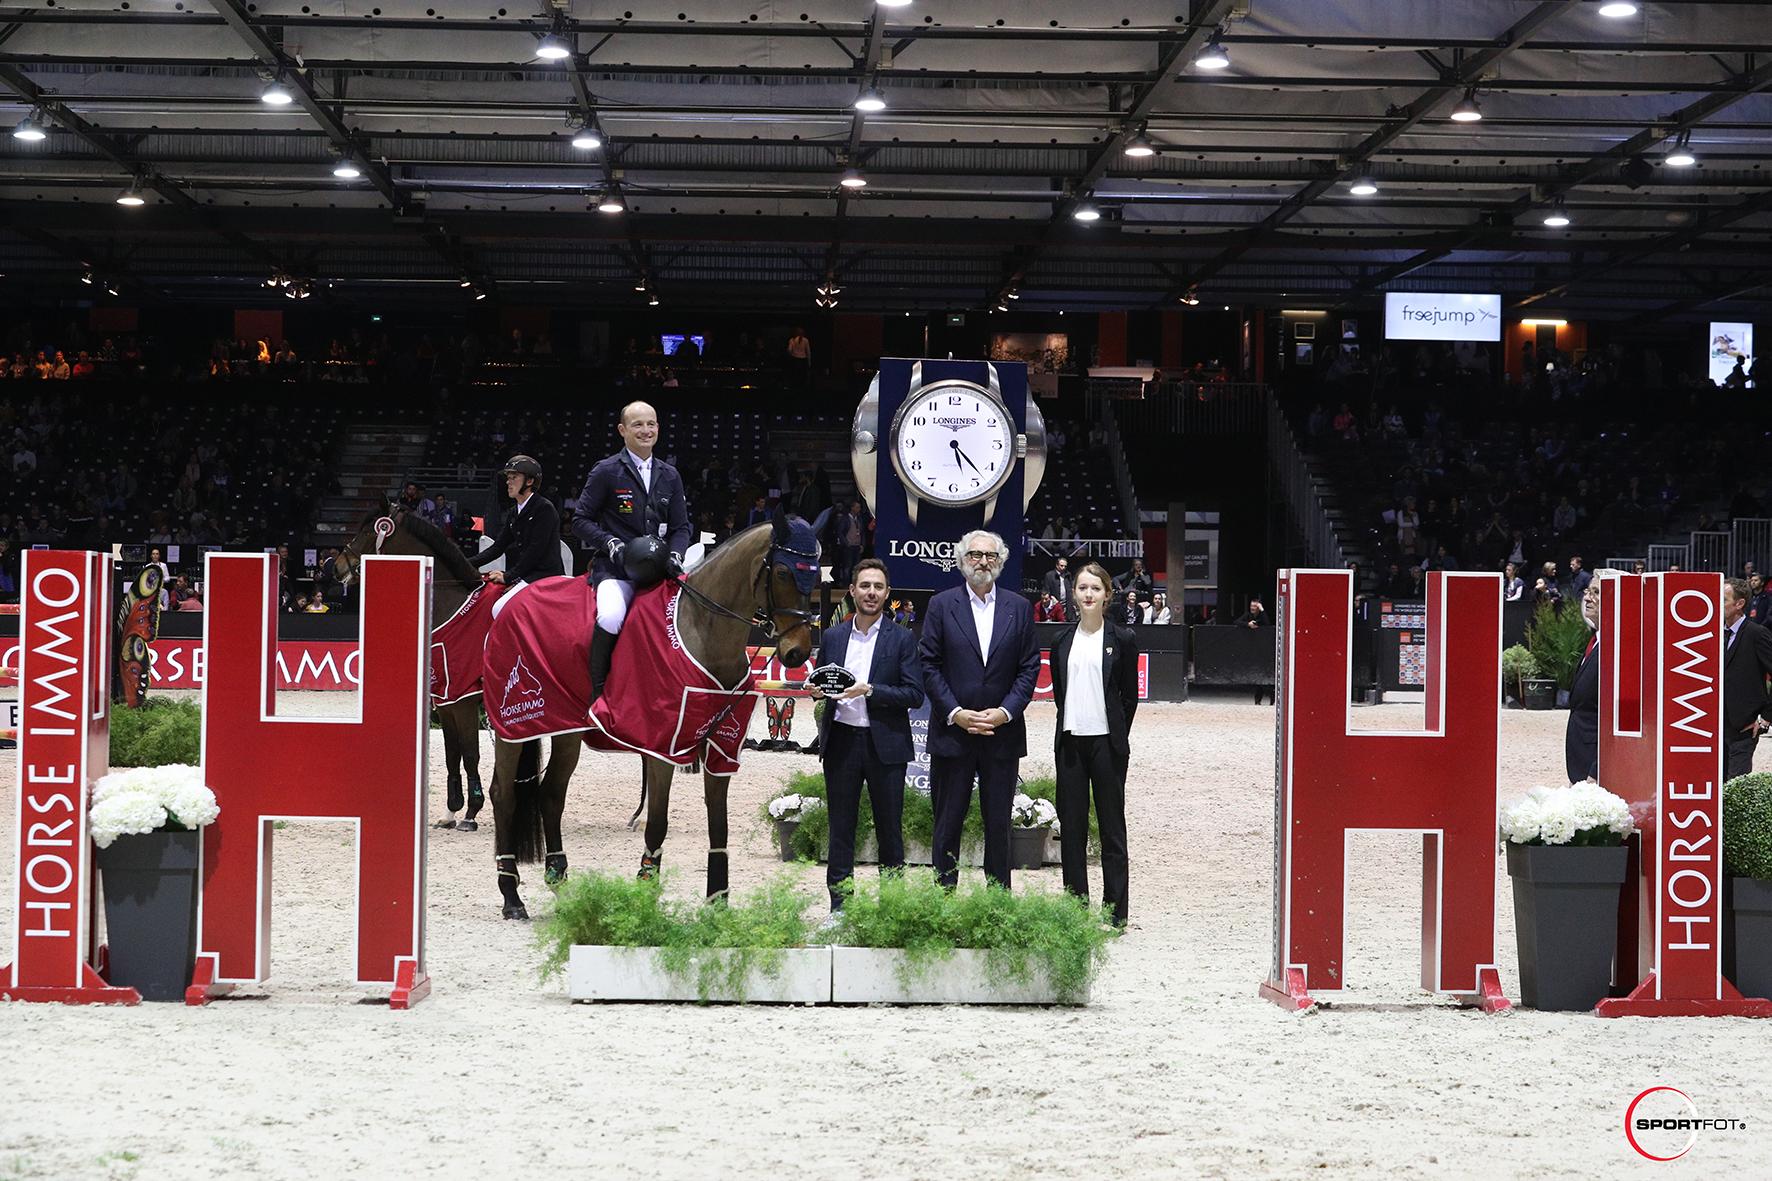 CSI5W – Prix HORSE IMMO – 2ème place Michael Jung et fischerDaily Impressed ©SPORTFOT 3 - Partenaire du Jumping International de Bordeaux du 7 au 9 Février 2019